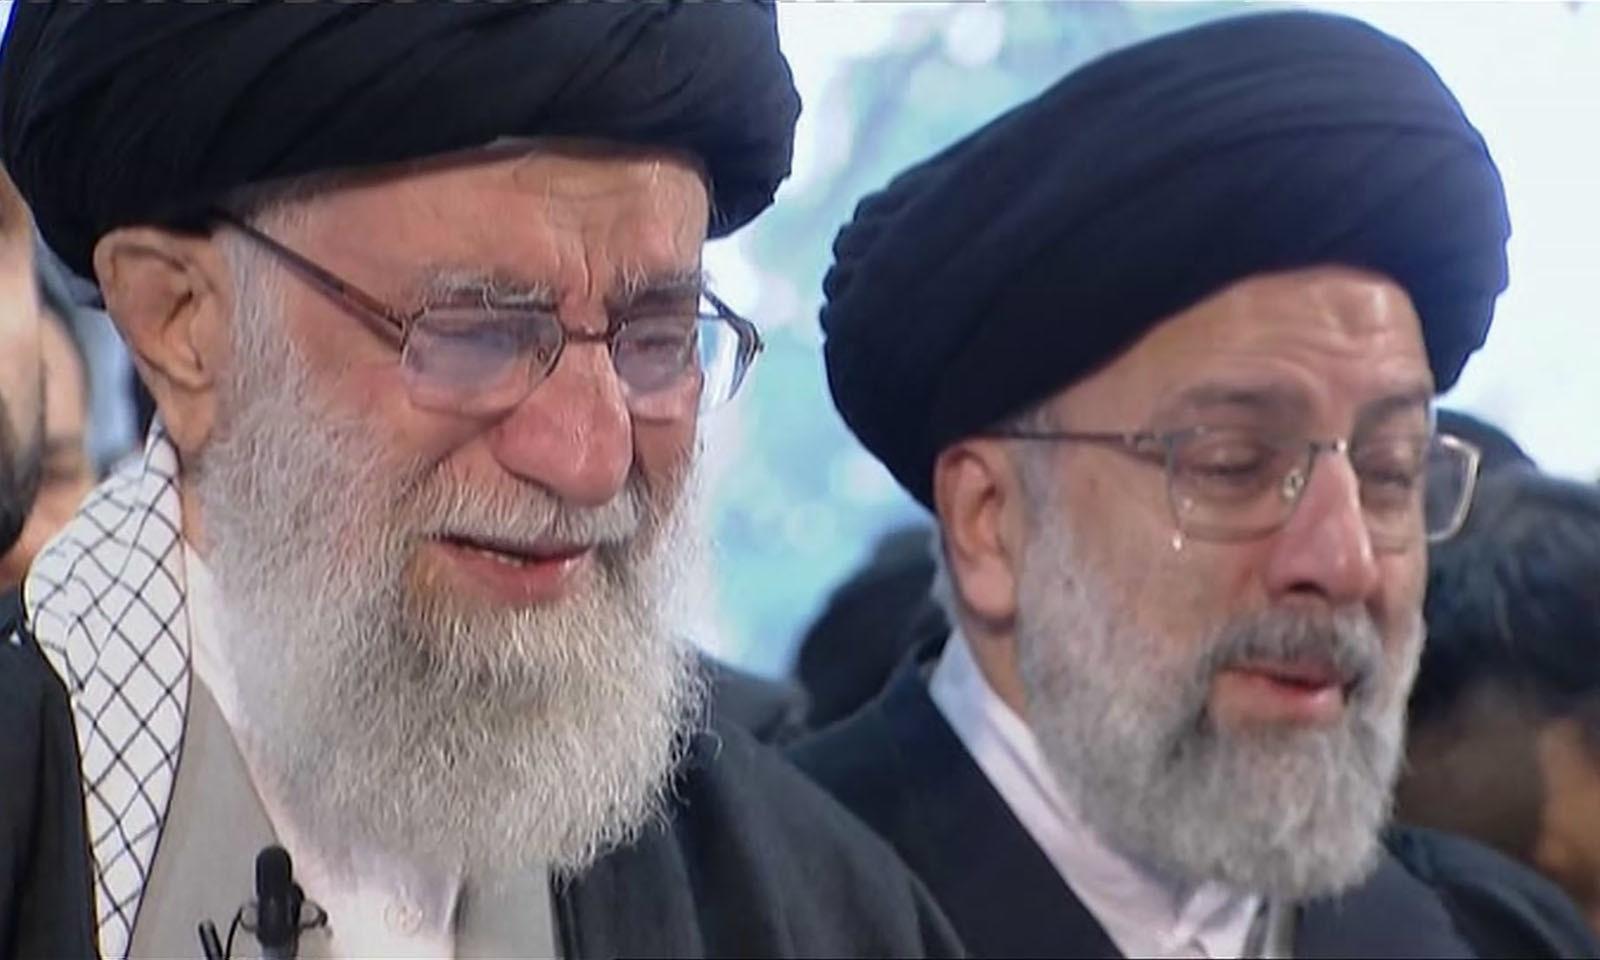 ایرانی کمانڈر کی نماز جنازہ پڑھاتے ہوئے آیت اللہ خامنہ ای آبدیدہ ہوگئے — فوٹو: اے پی